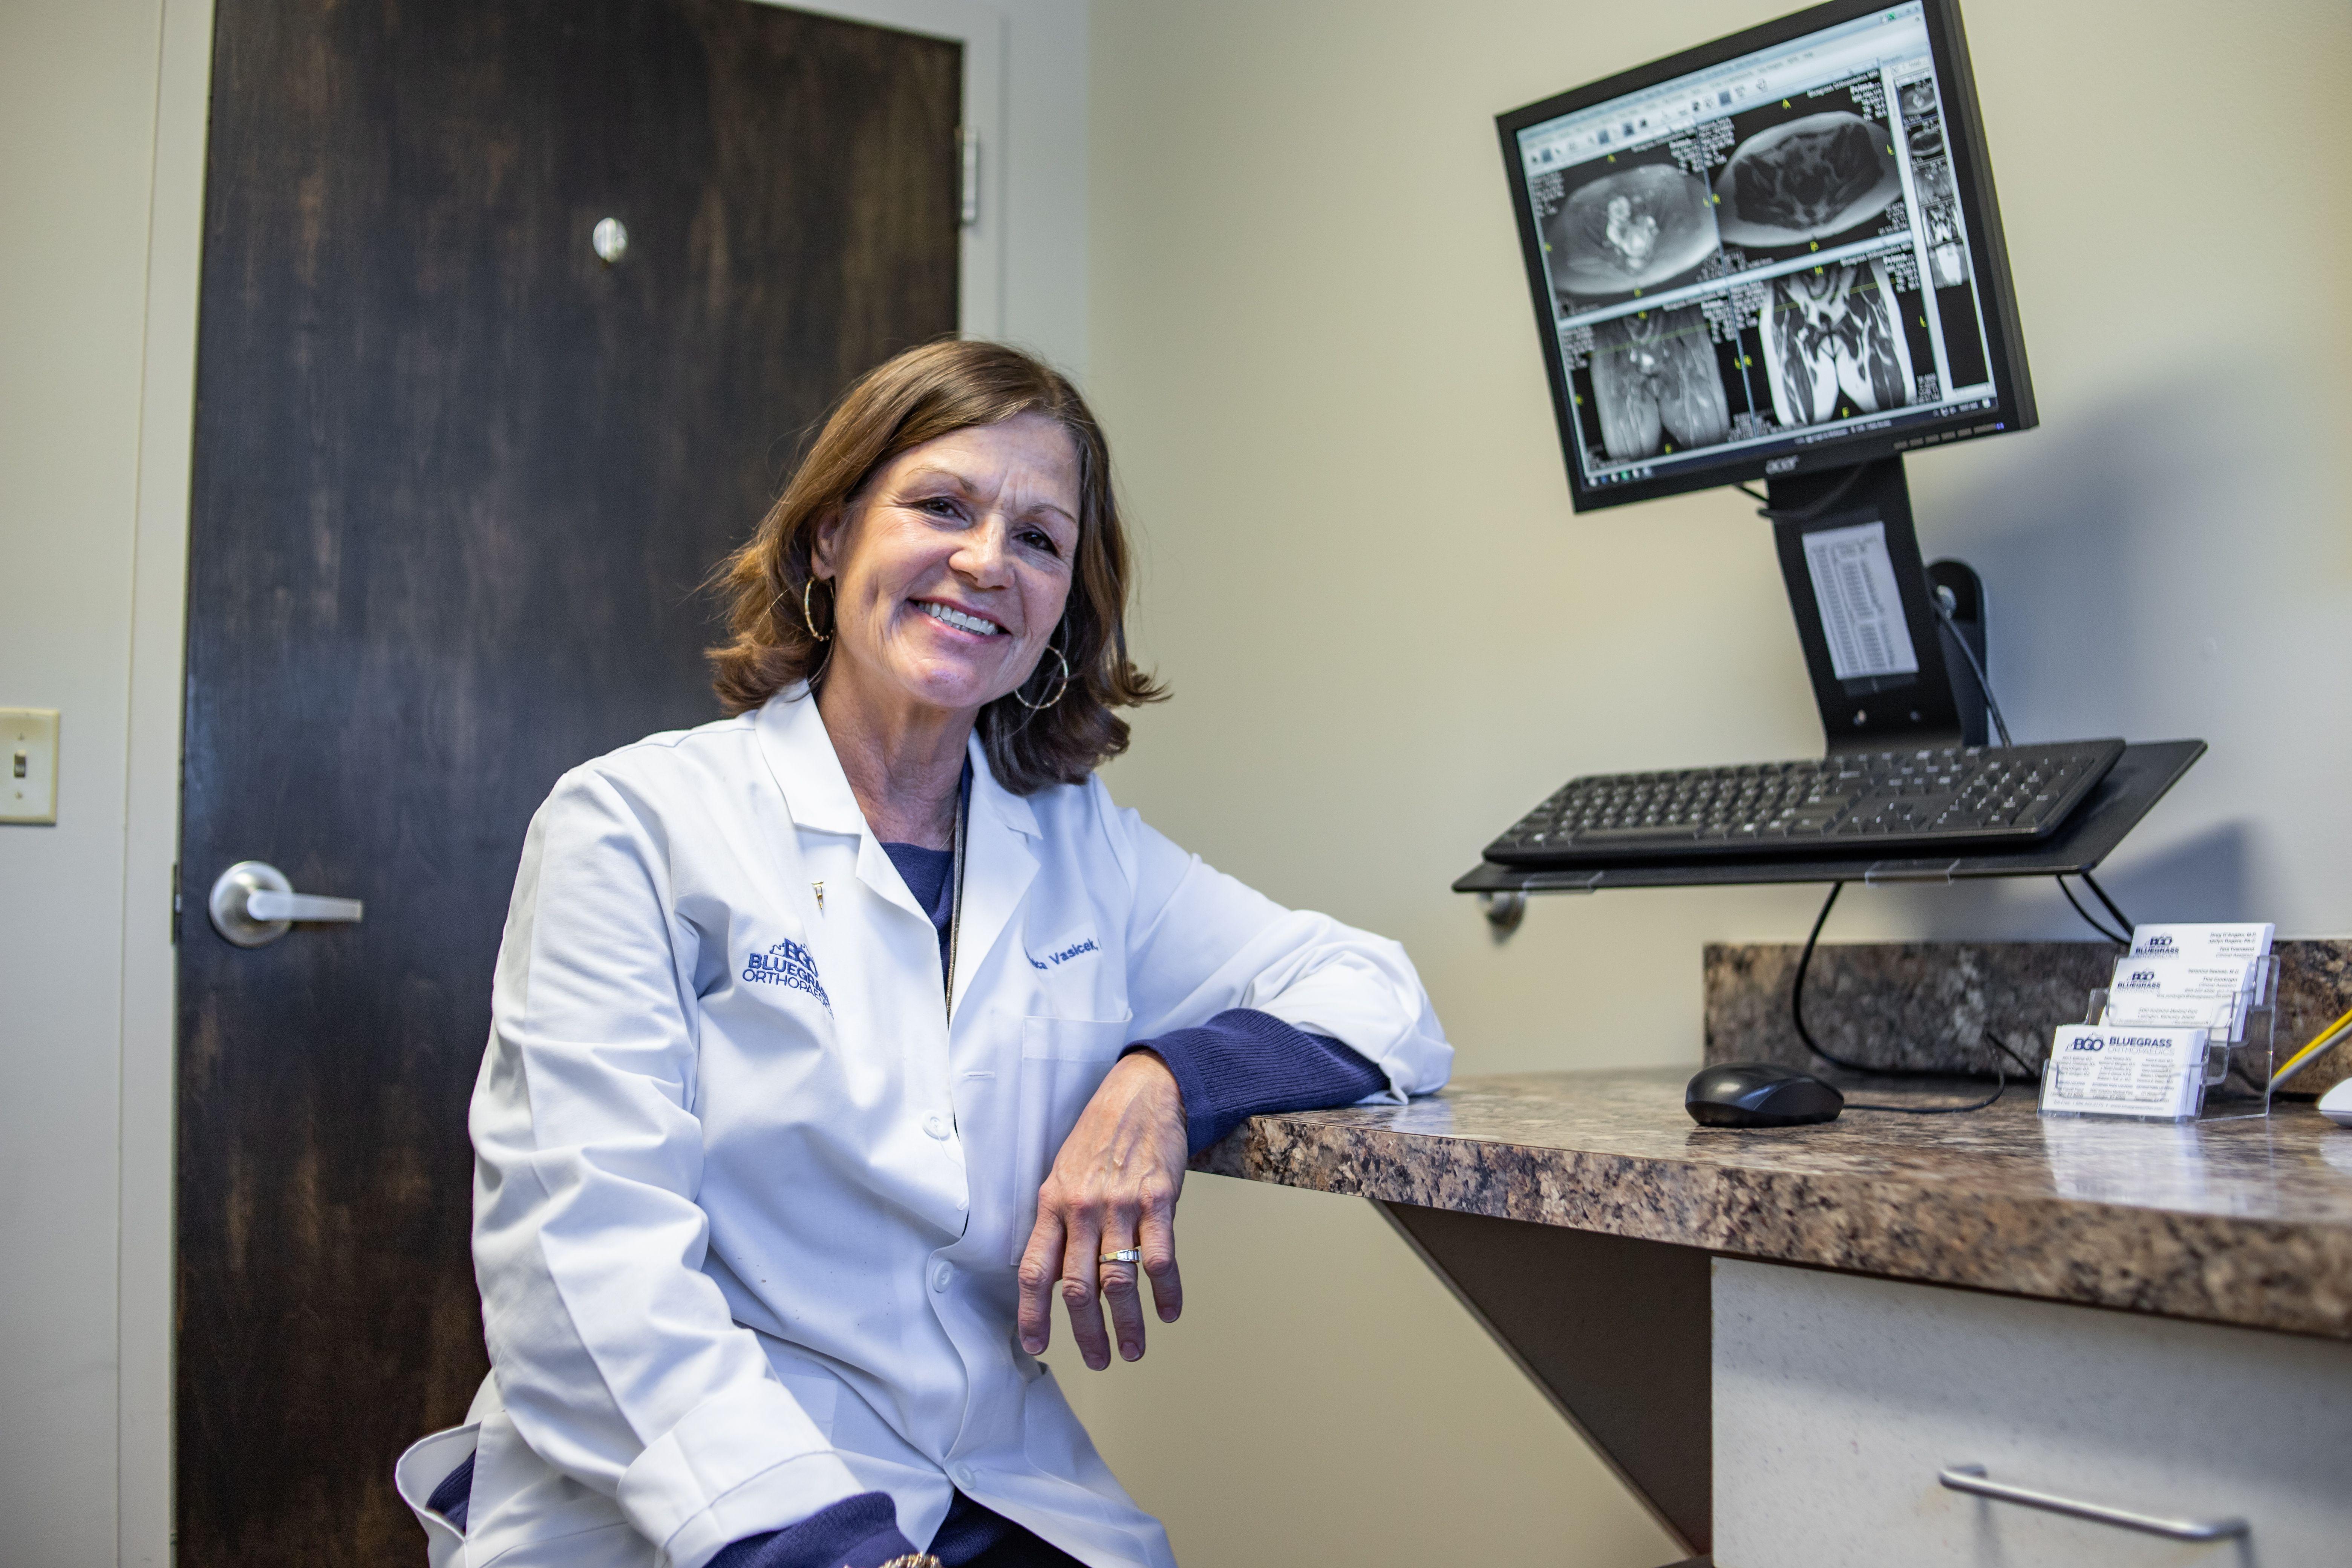 Dr. Veronica Vasicek